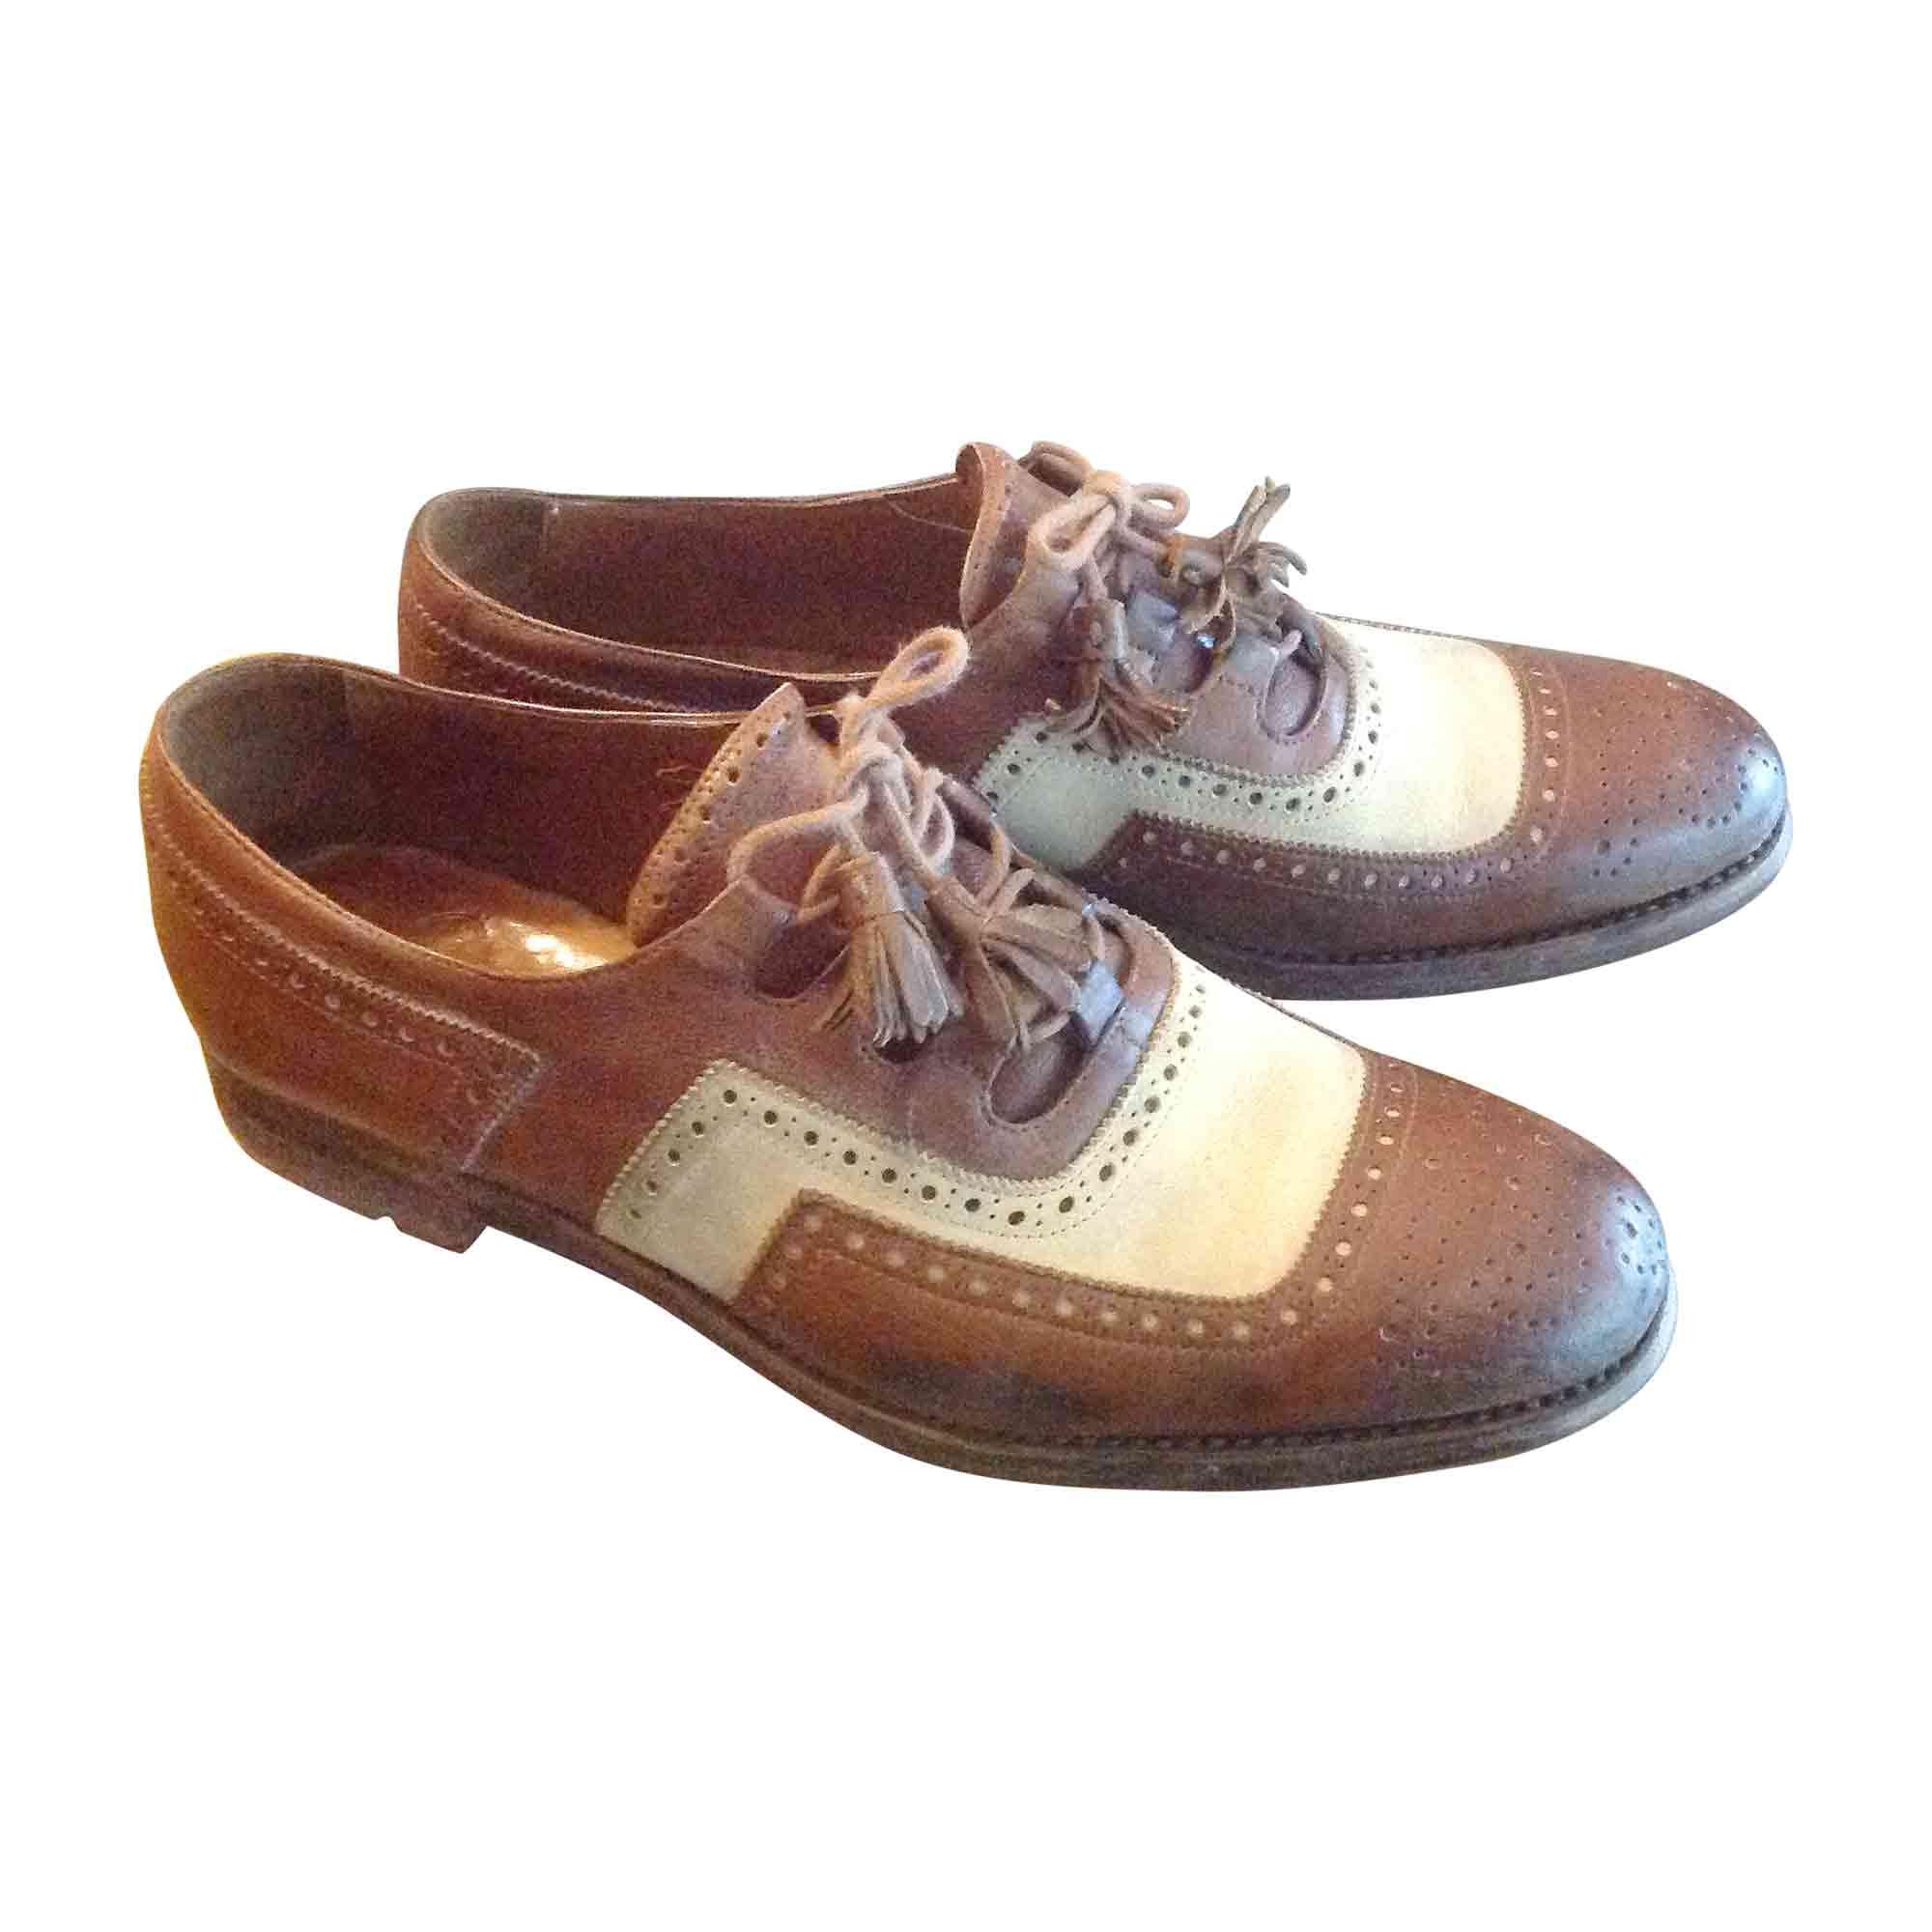 Chaussures à lacets  CHURCH'S Beige, camel